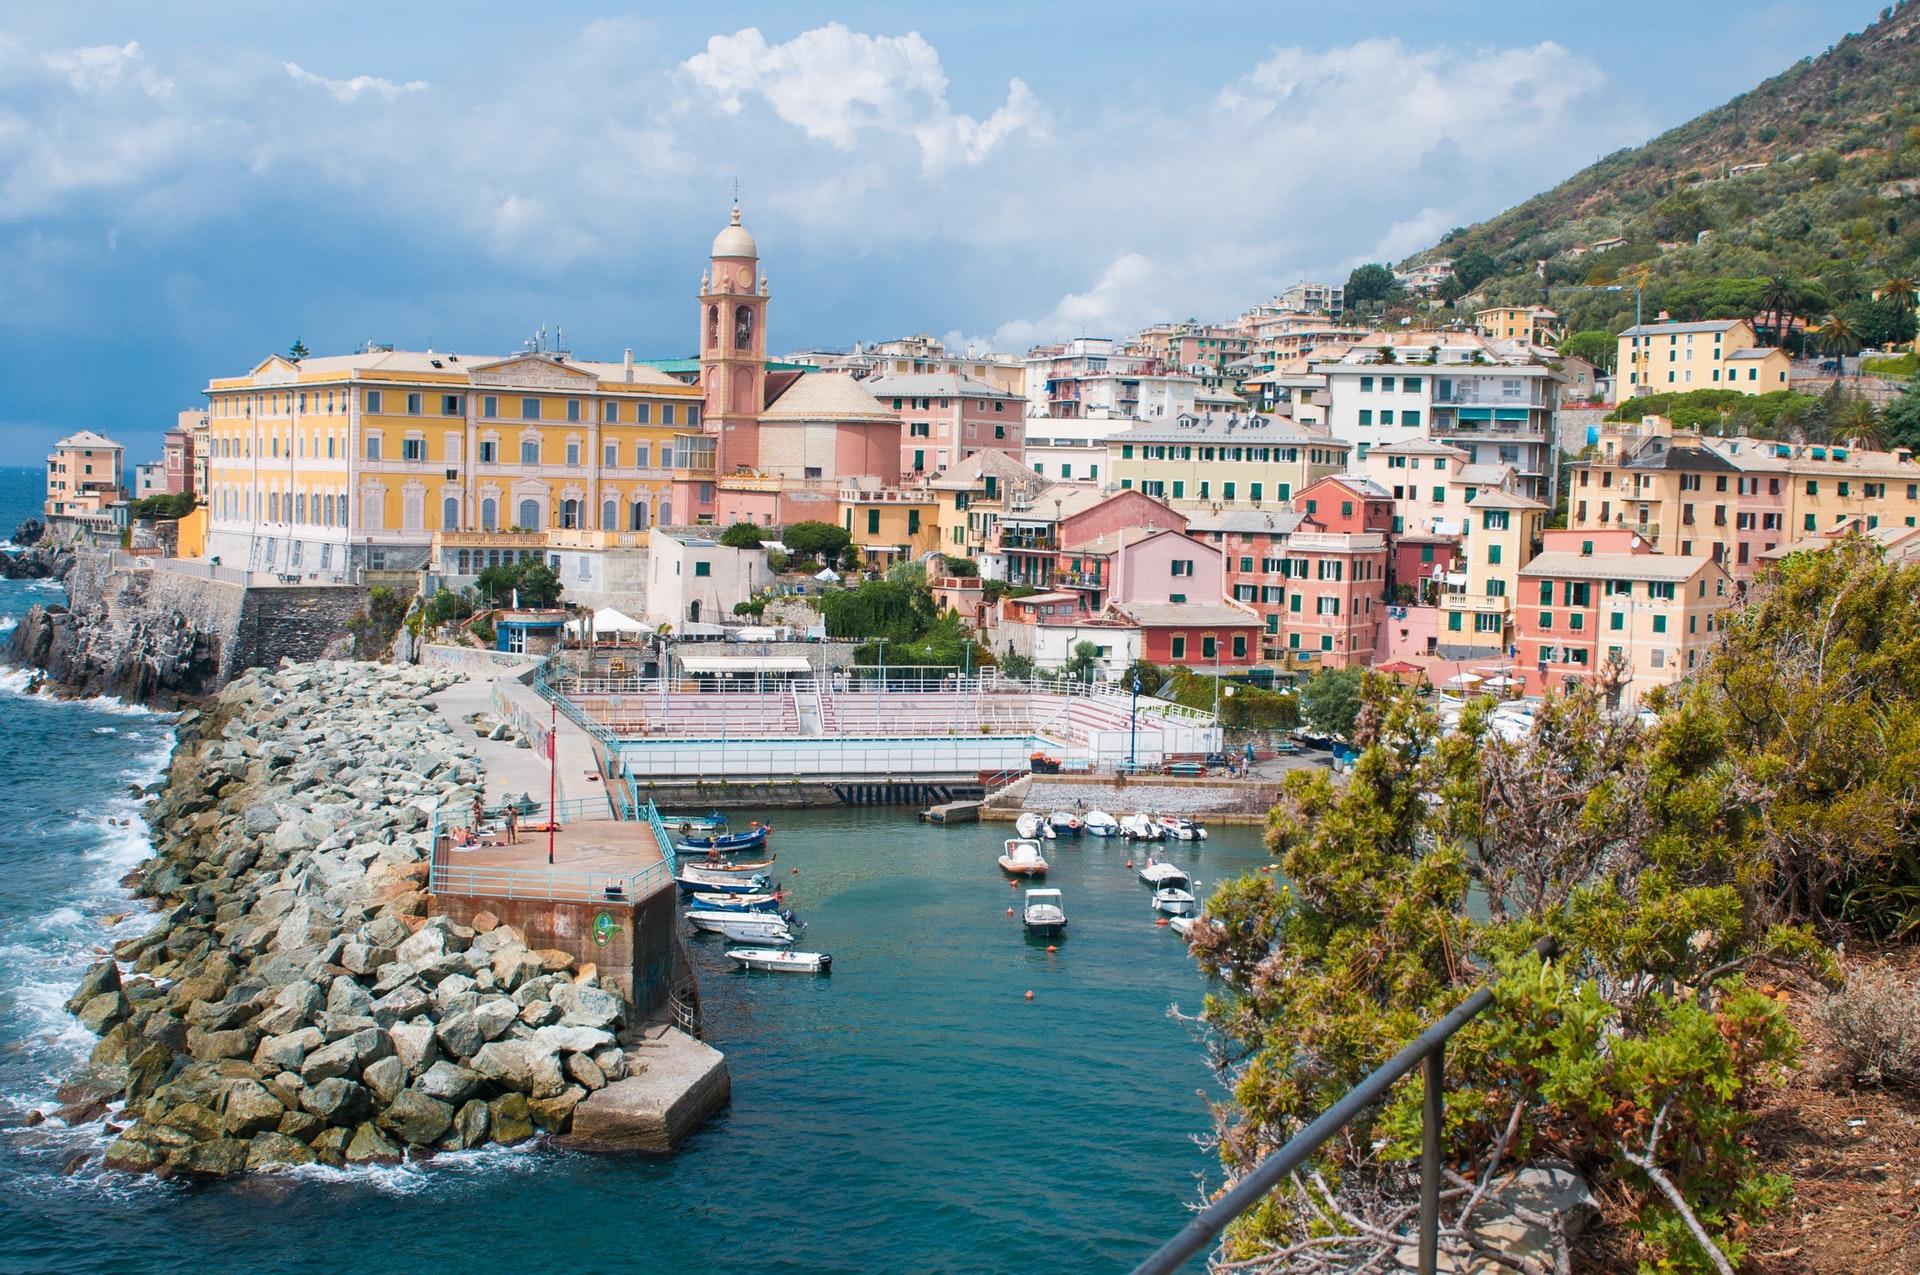 The beauty of Genoa